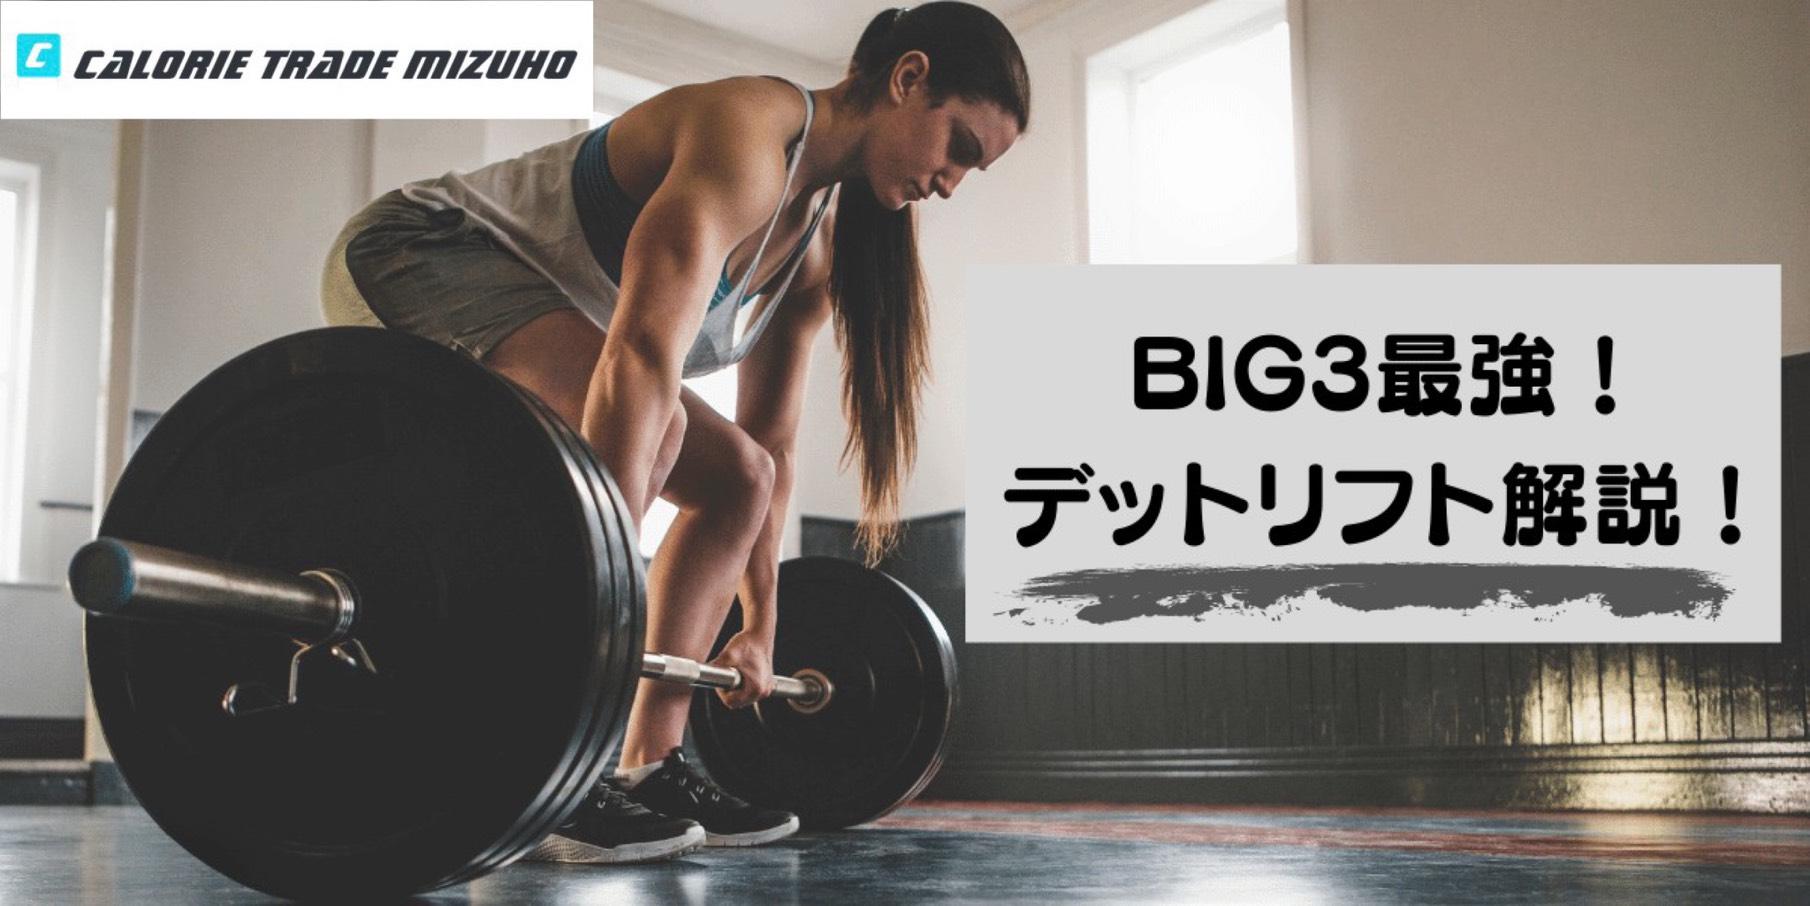 【下半身トレーニング必見】BIG3最強!デットリフト解説!